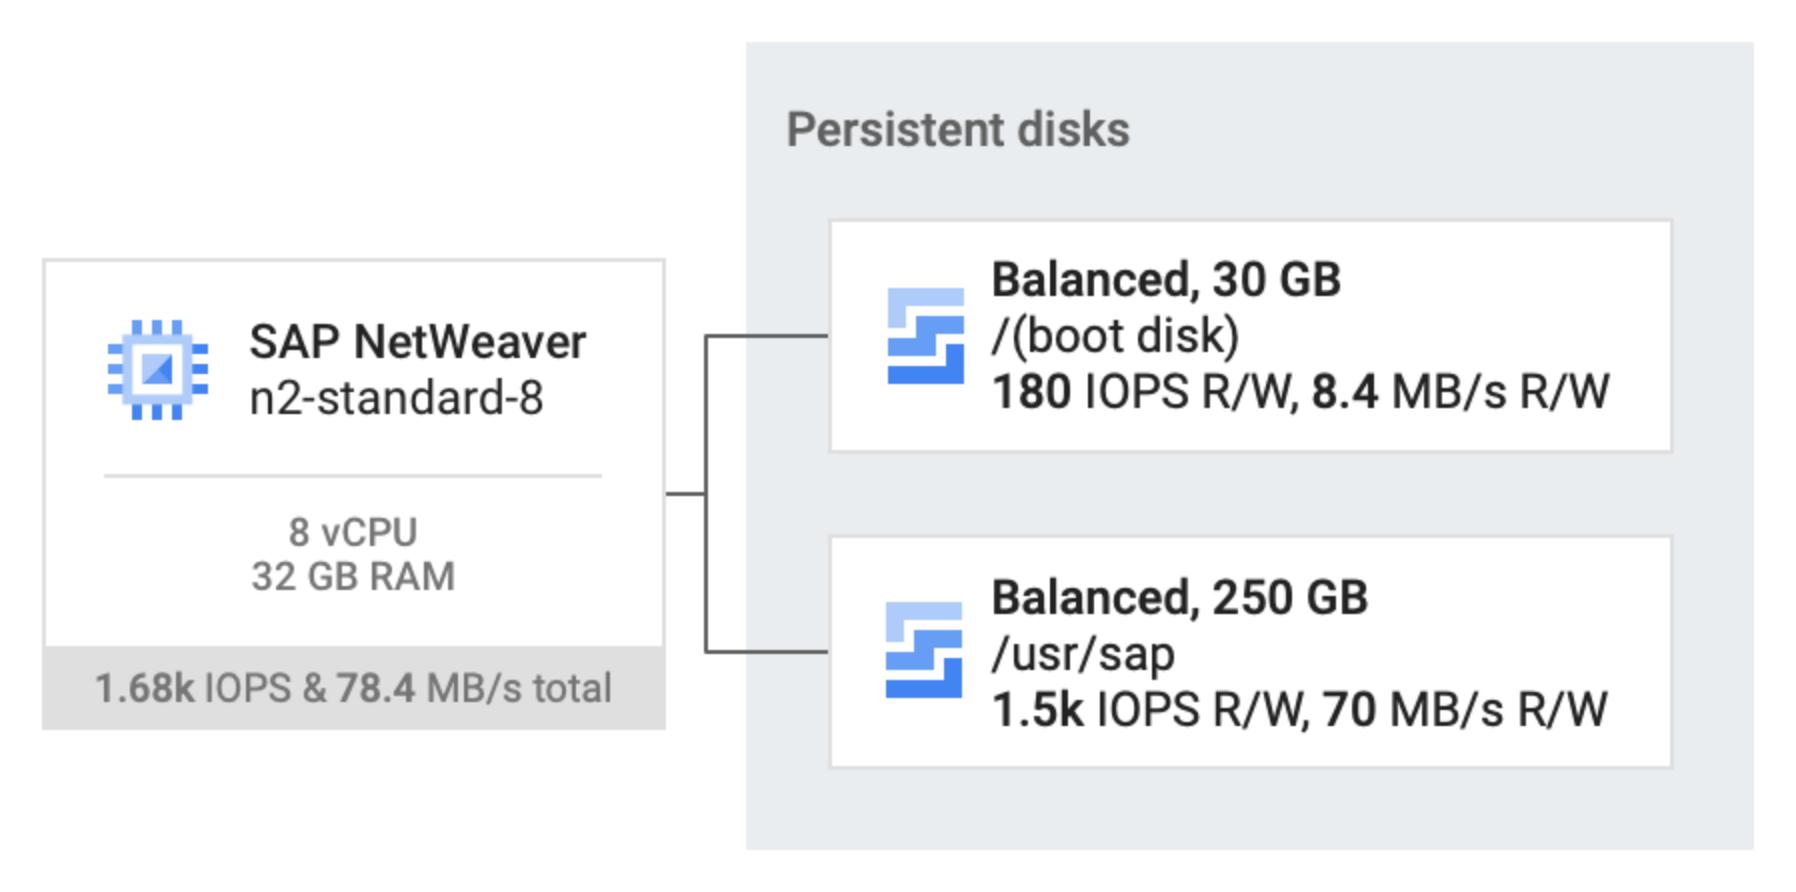 运行 SAP NetWeaver 的 n2-standard-32 主机虚拟机挂接了两个平衡永久性磁盘(一个 80 GB,另一个 250 GB)